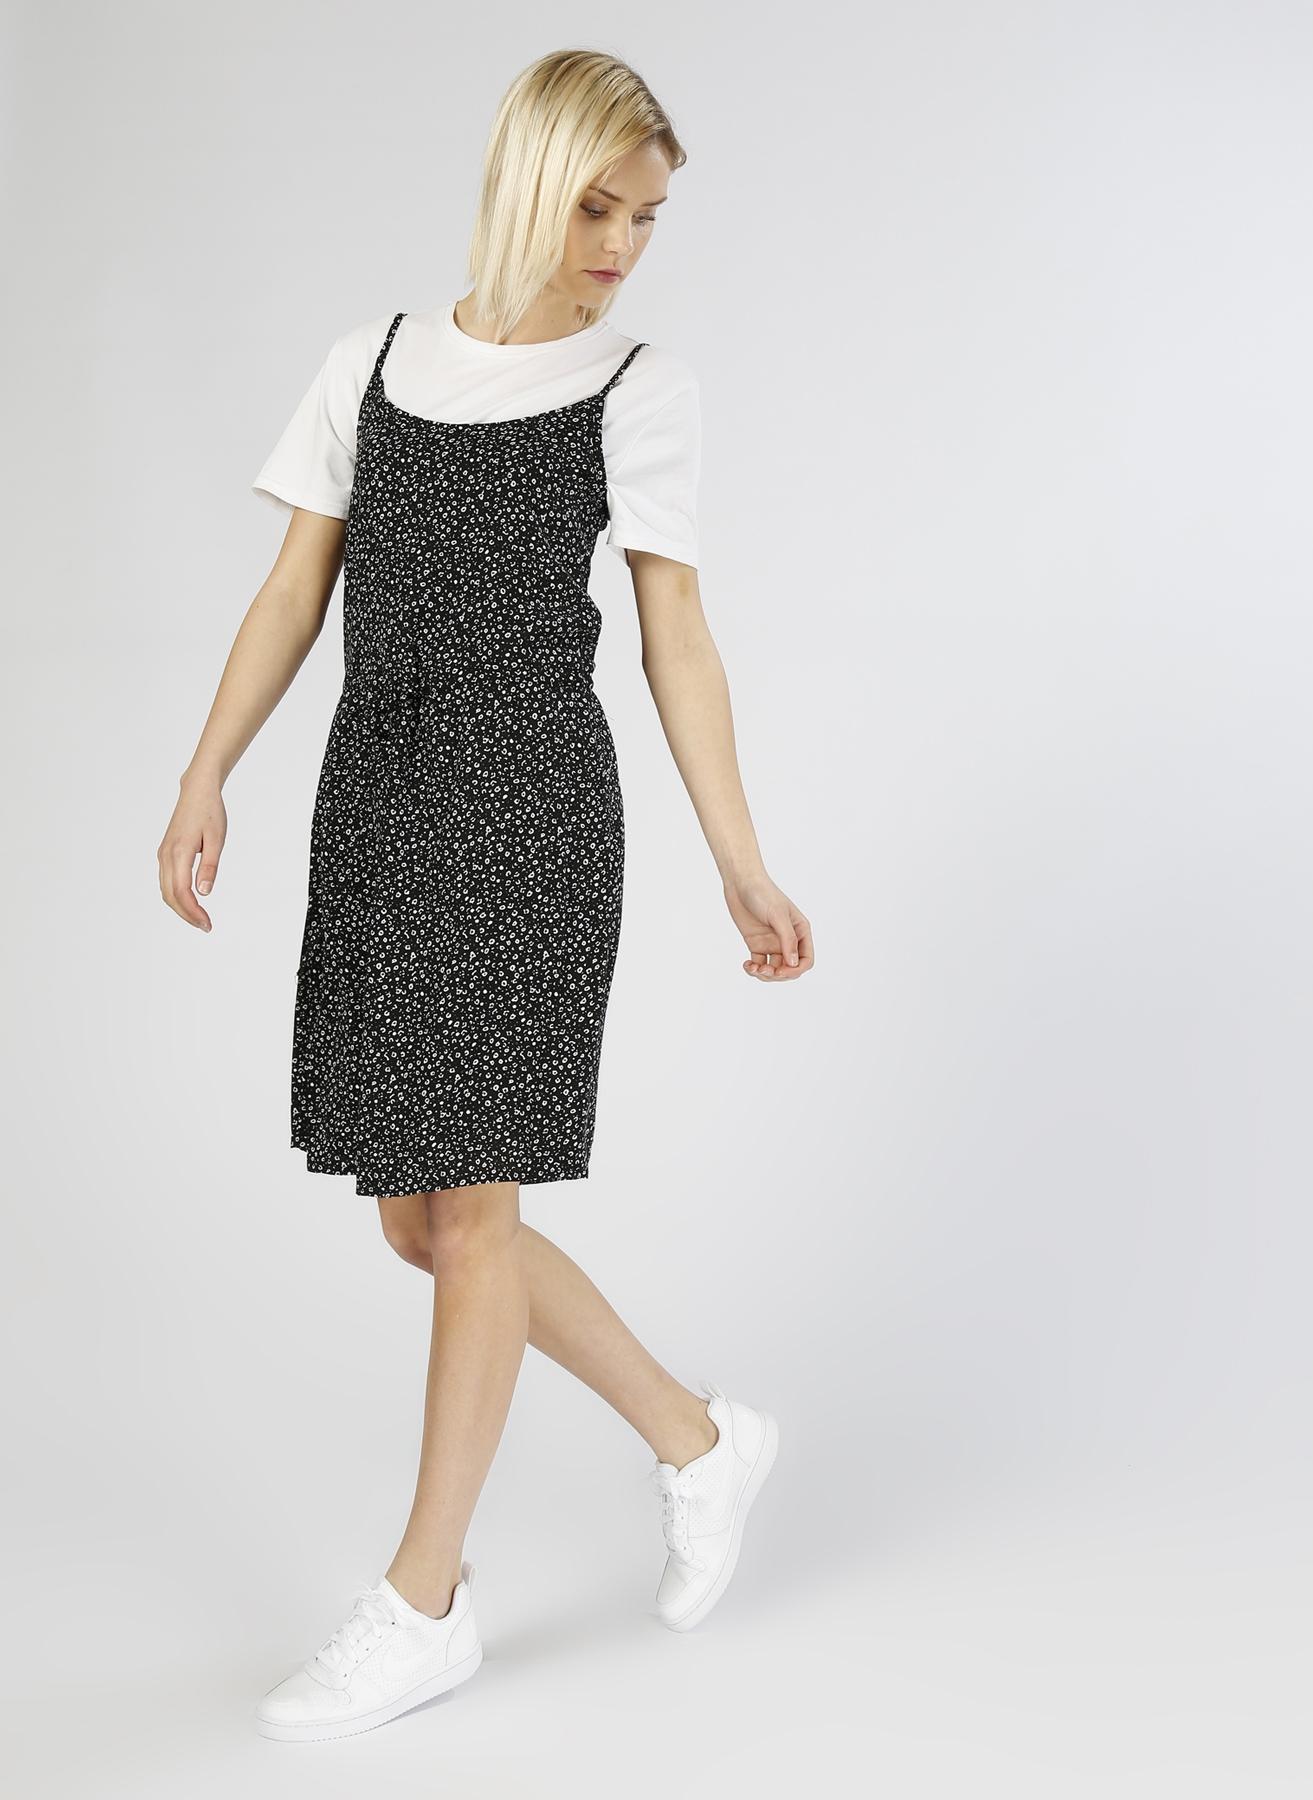 Vero Moda Belden İpli Siyah Elbise S 5000196076003 Ürün Resmi